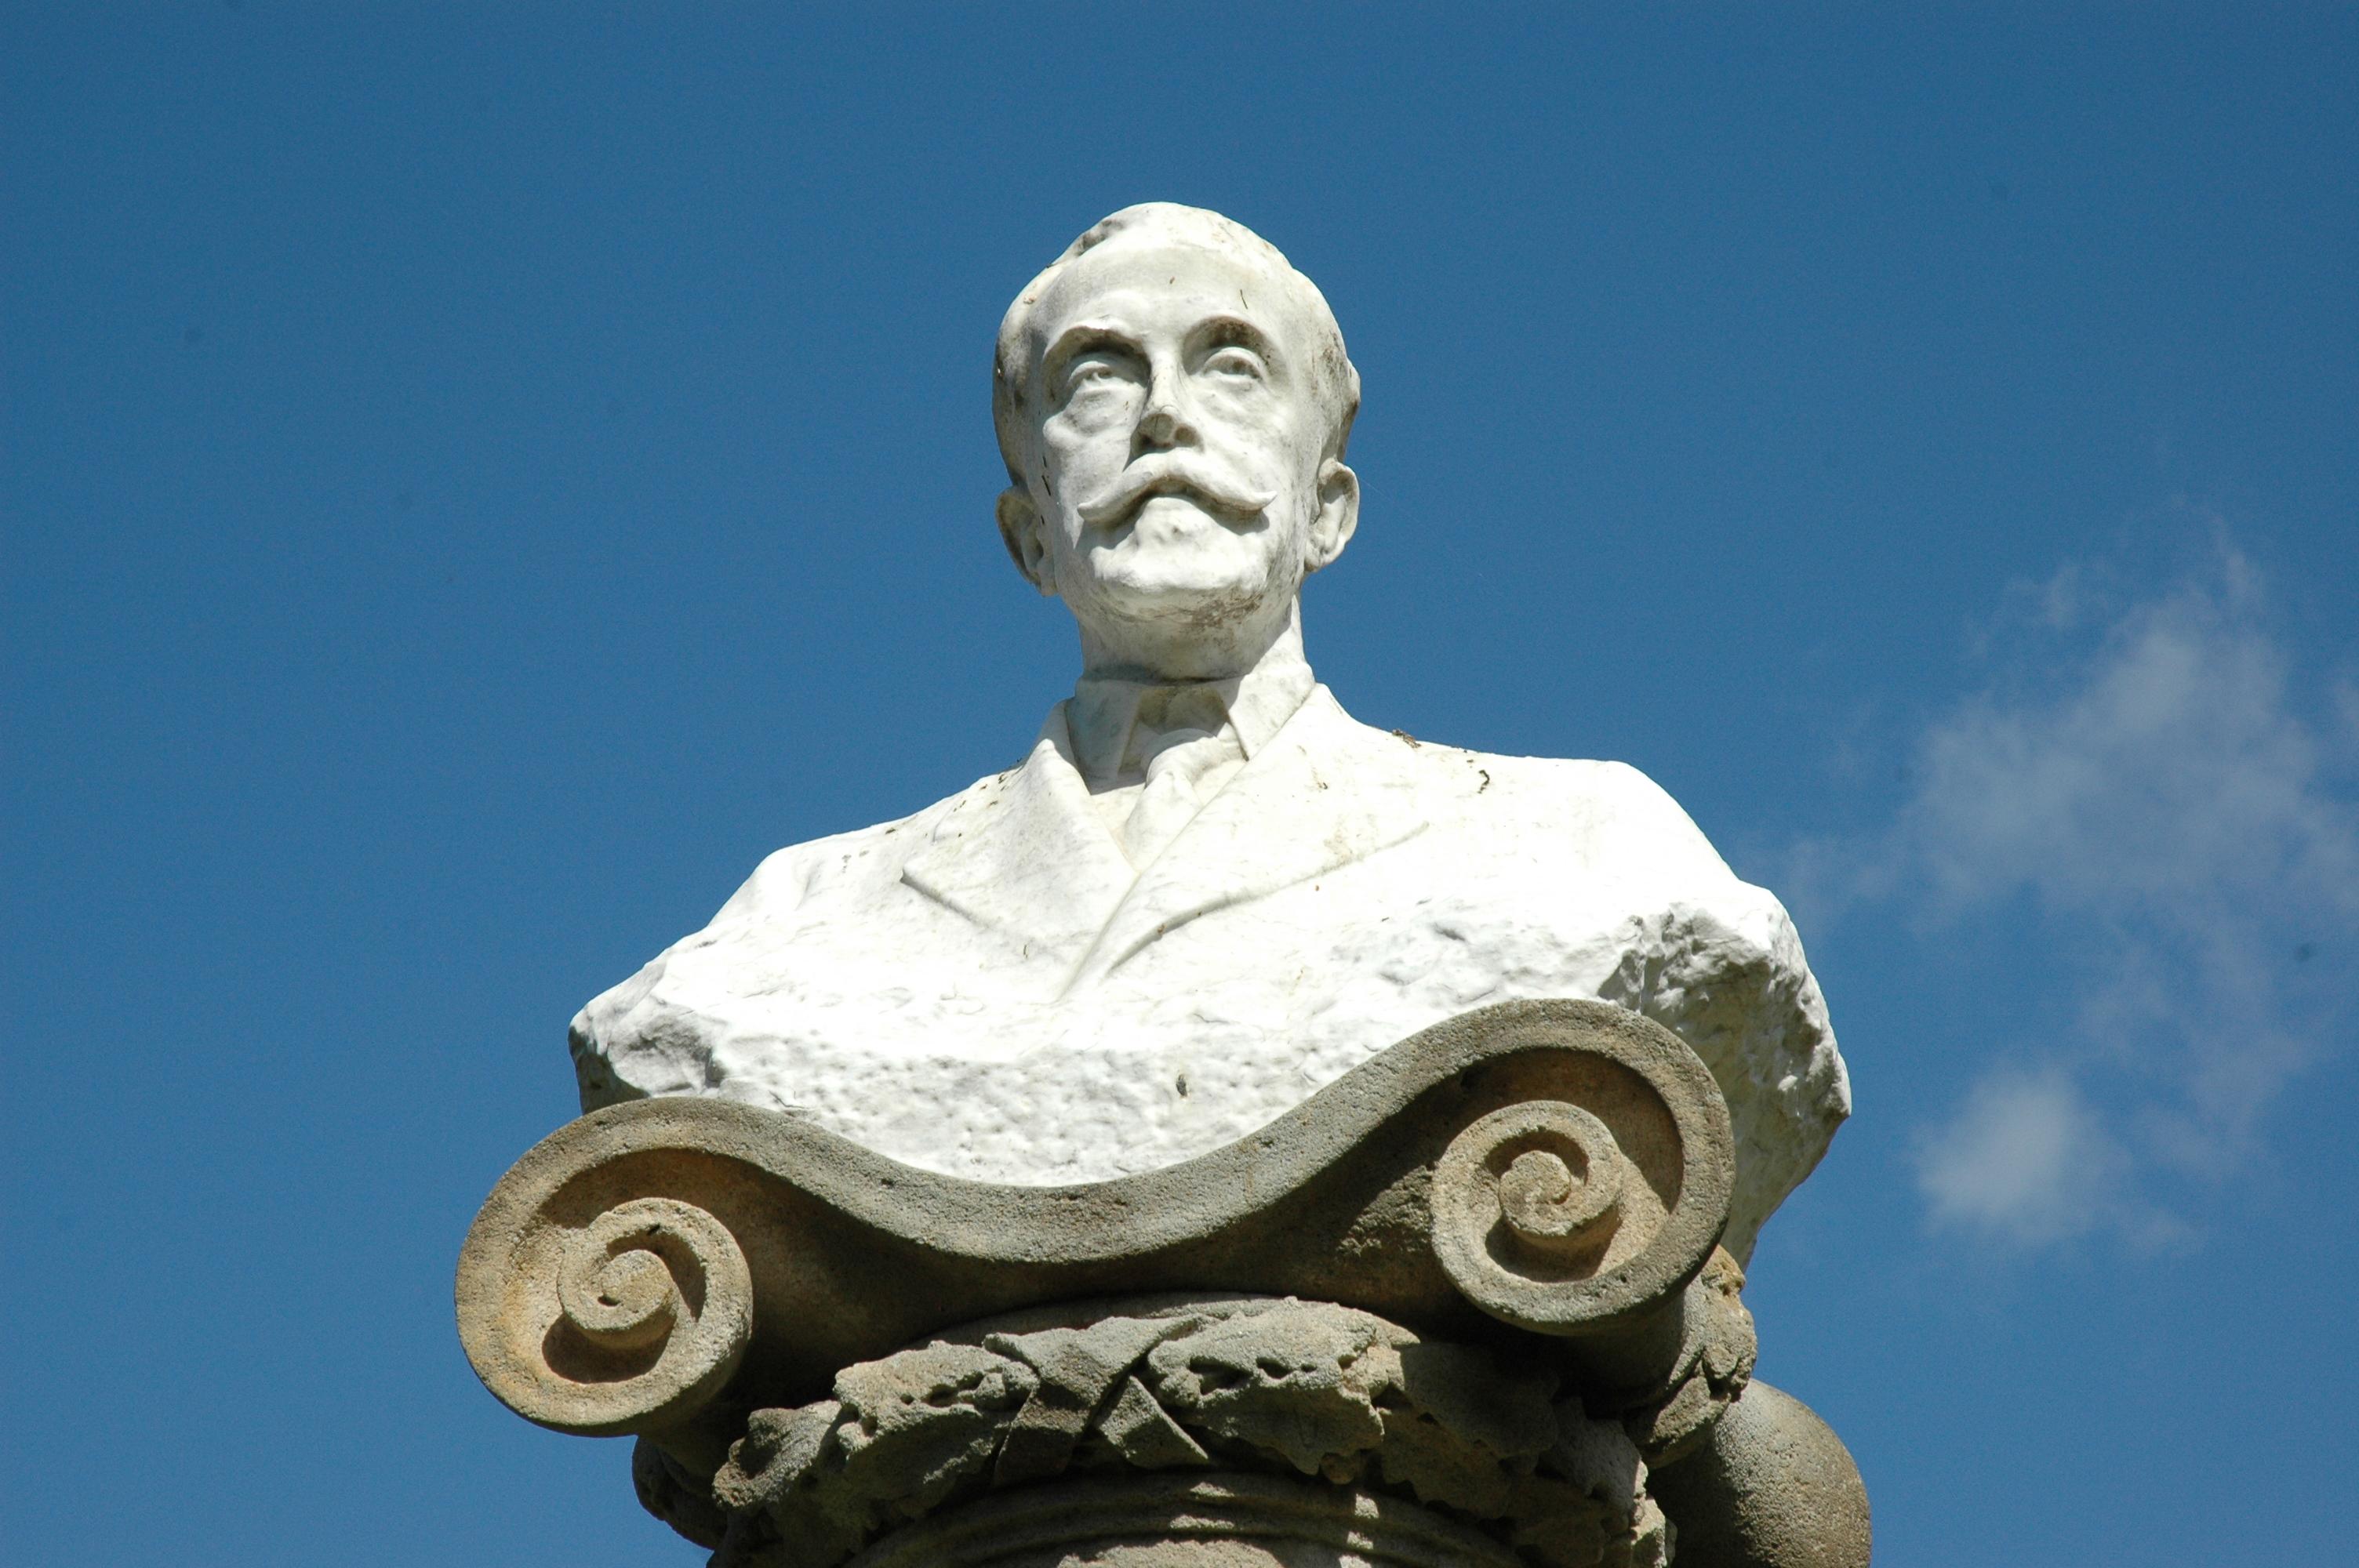 Escultura de Joan Maragall i Gorina, obra de Eusebio Arnau, colocada el 14 de mayo de 1913 en el Parque de la Ciudadela.